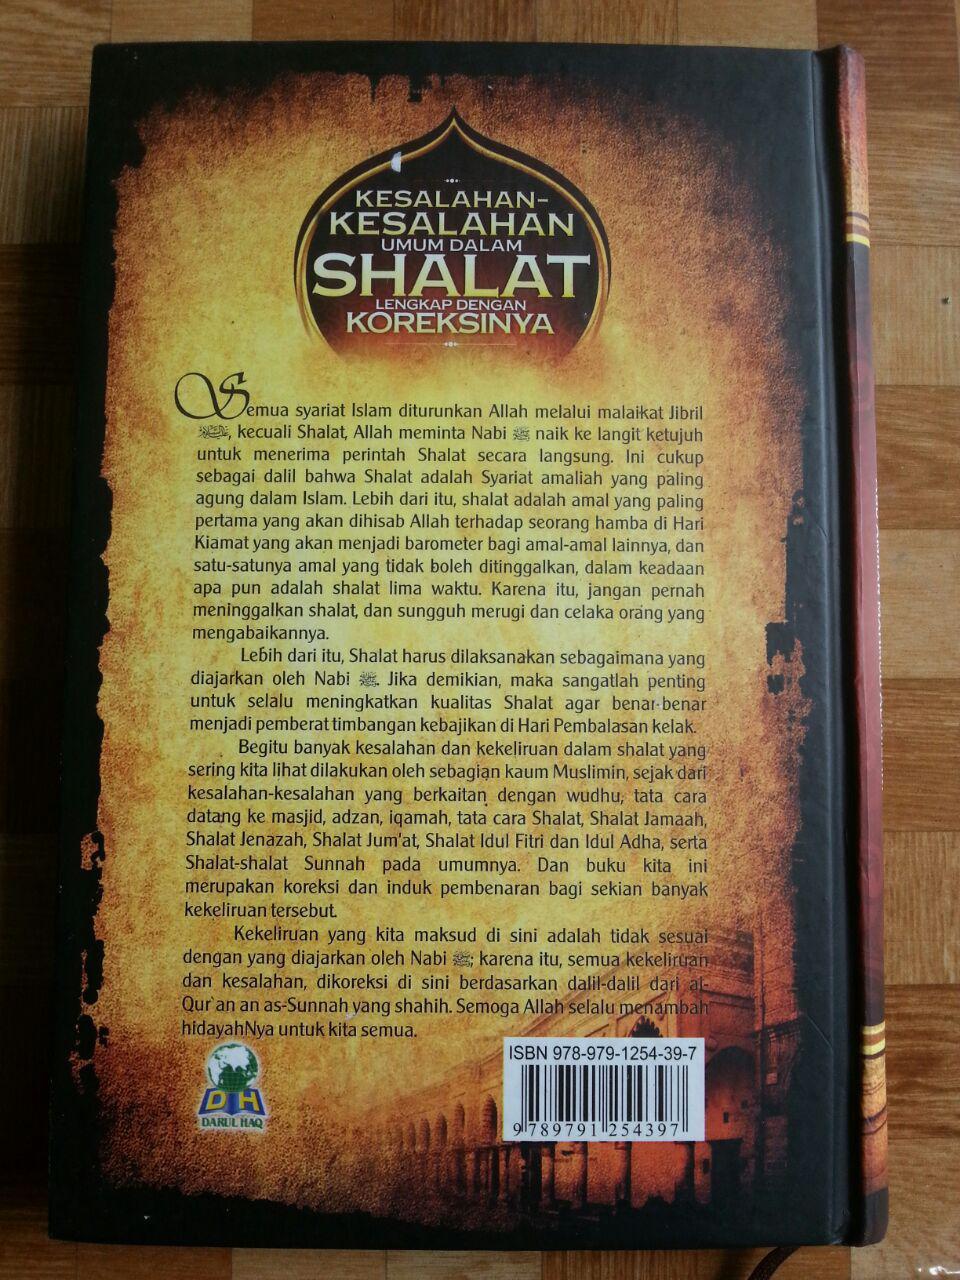 Buku Kesalahan-Kesalahan Umum Dalam Shalat Dan Koreksinya cover